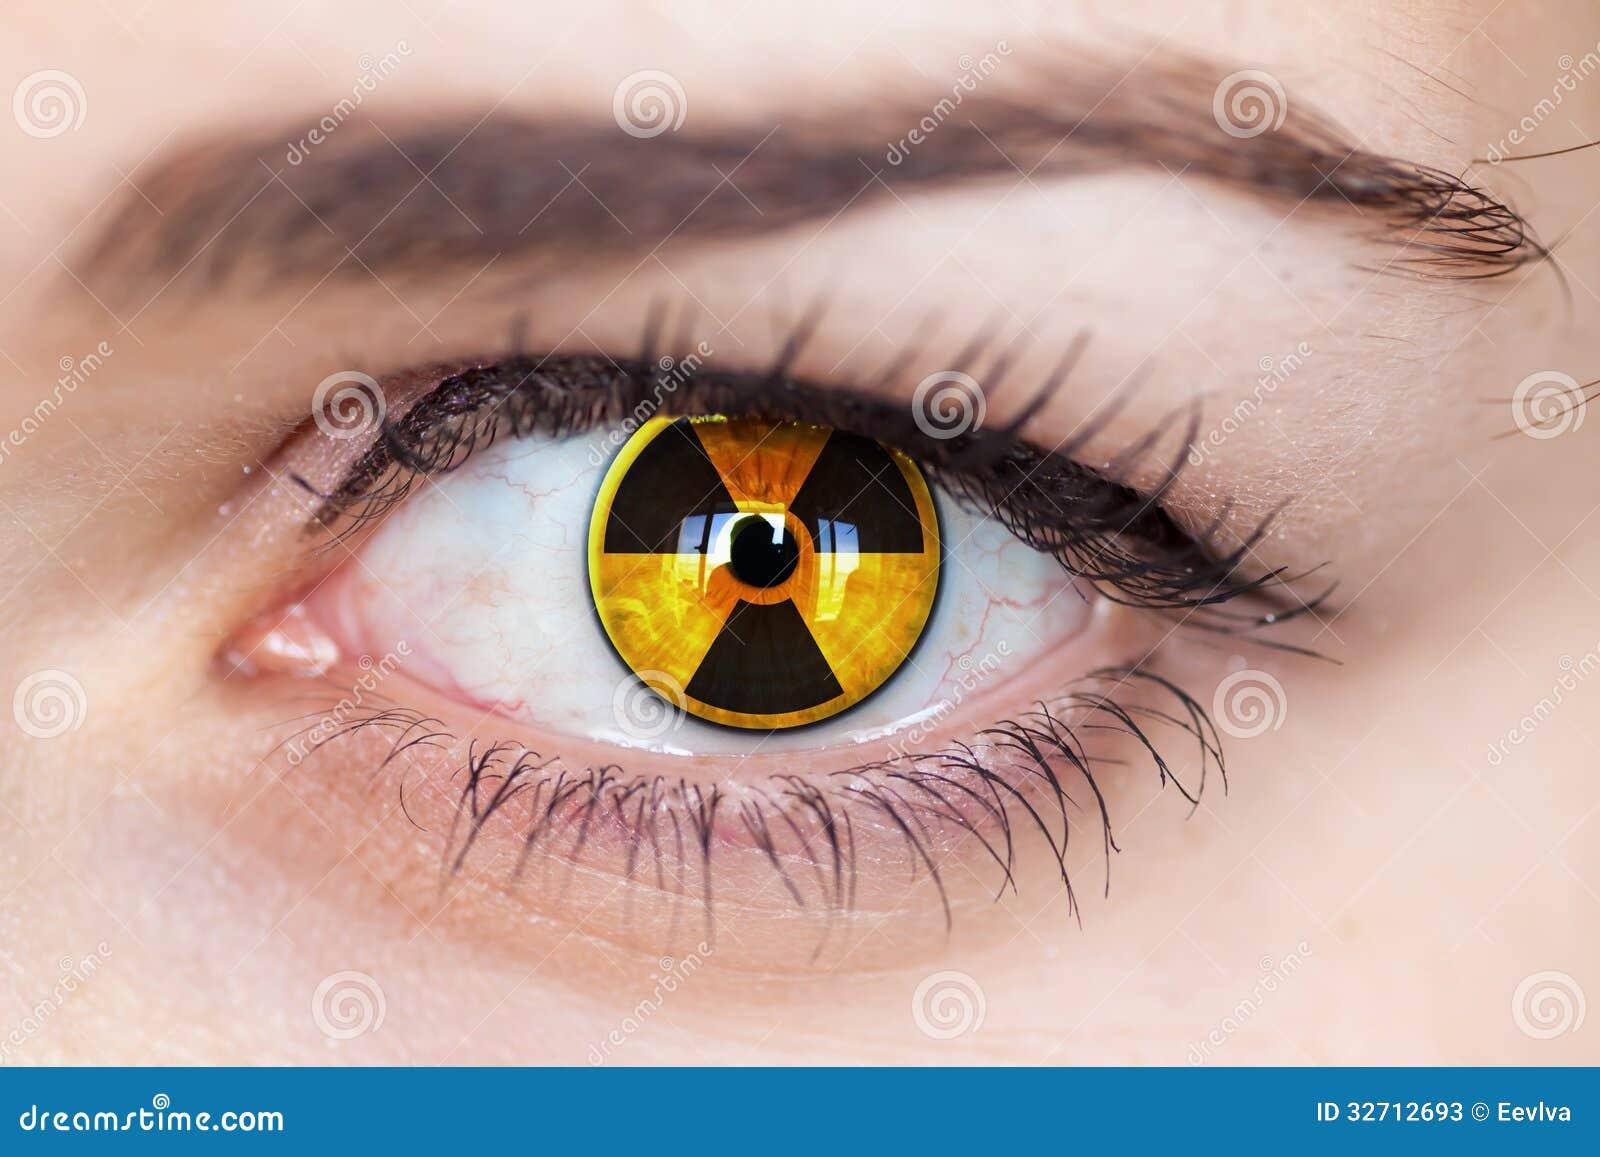 Tenrinissgan - Tenrinissgan Human-eye-radiation-symbol-hazard-concept-photo-32712693